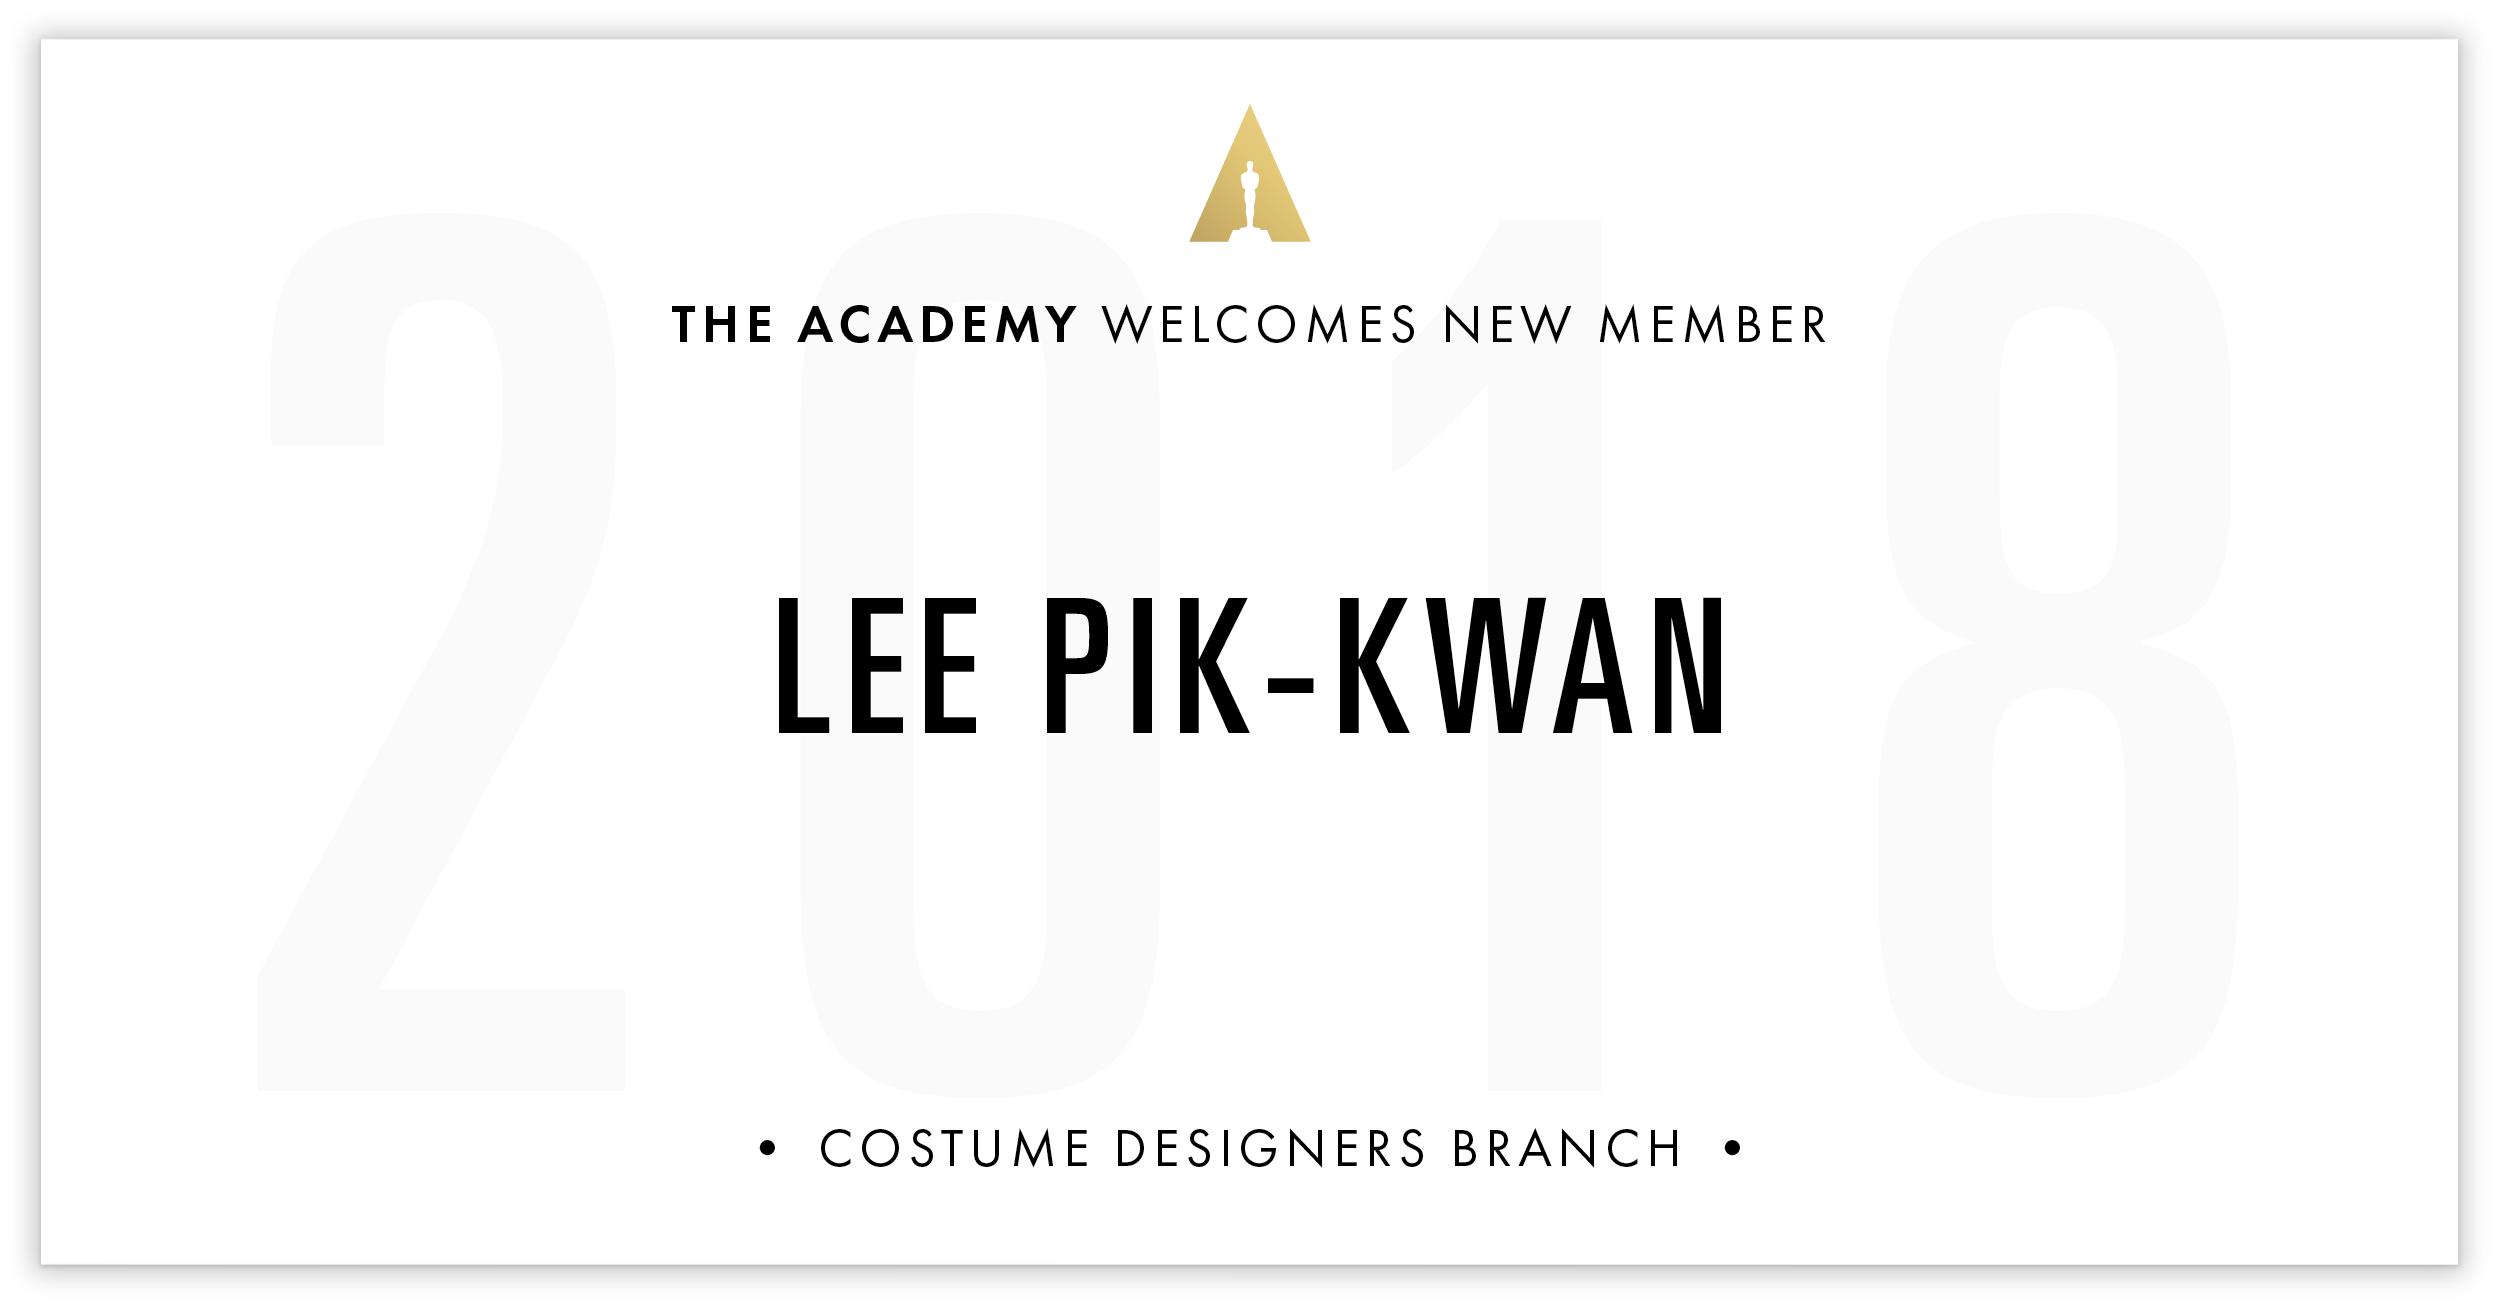 Lee Pik-Kwan is invited!